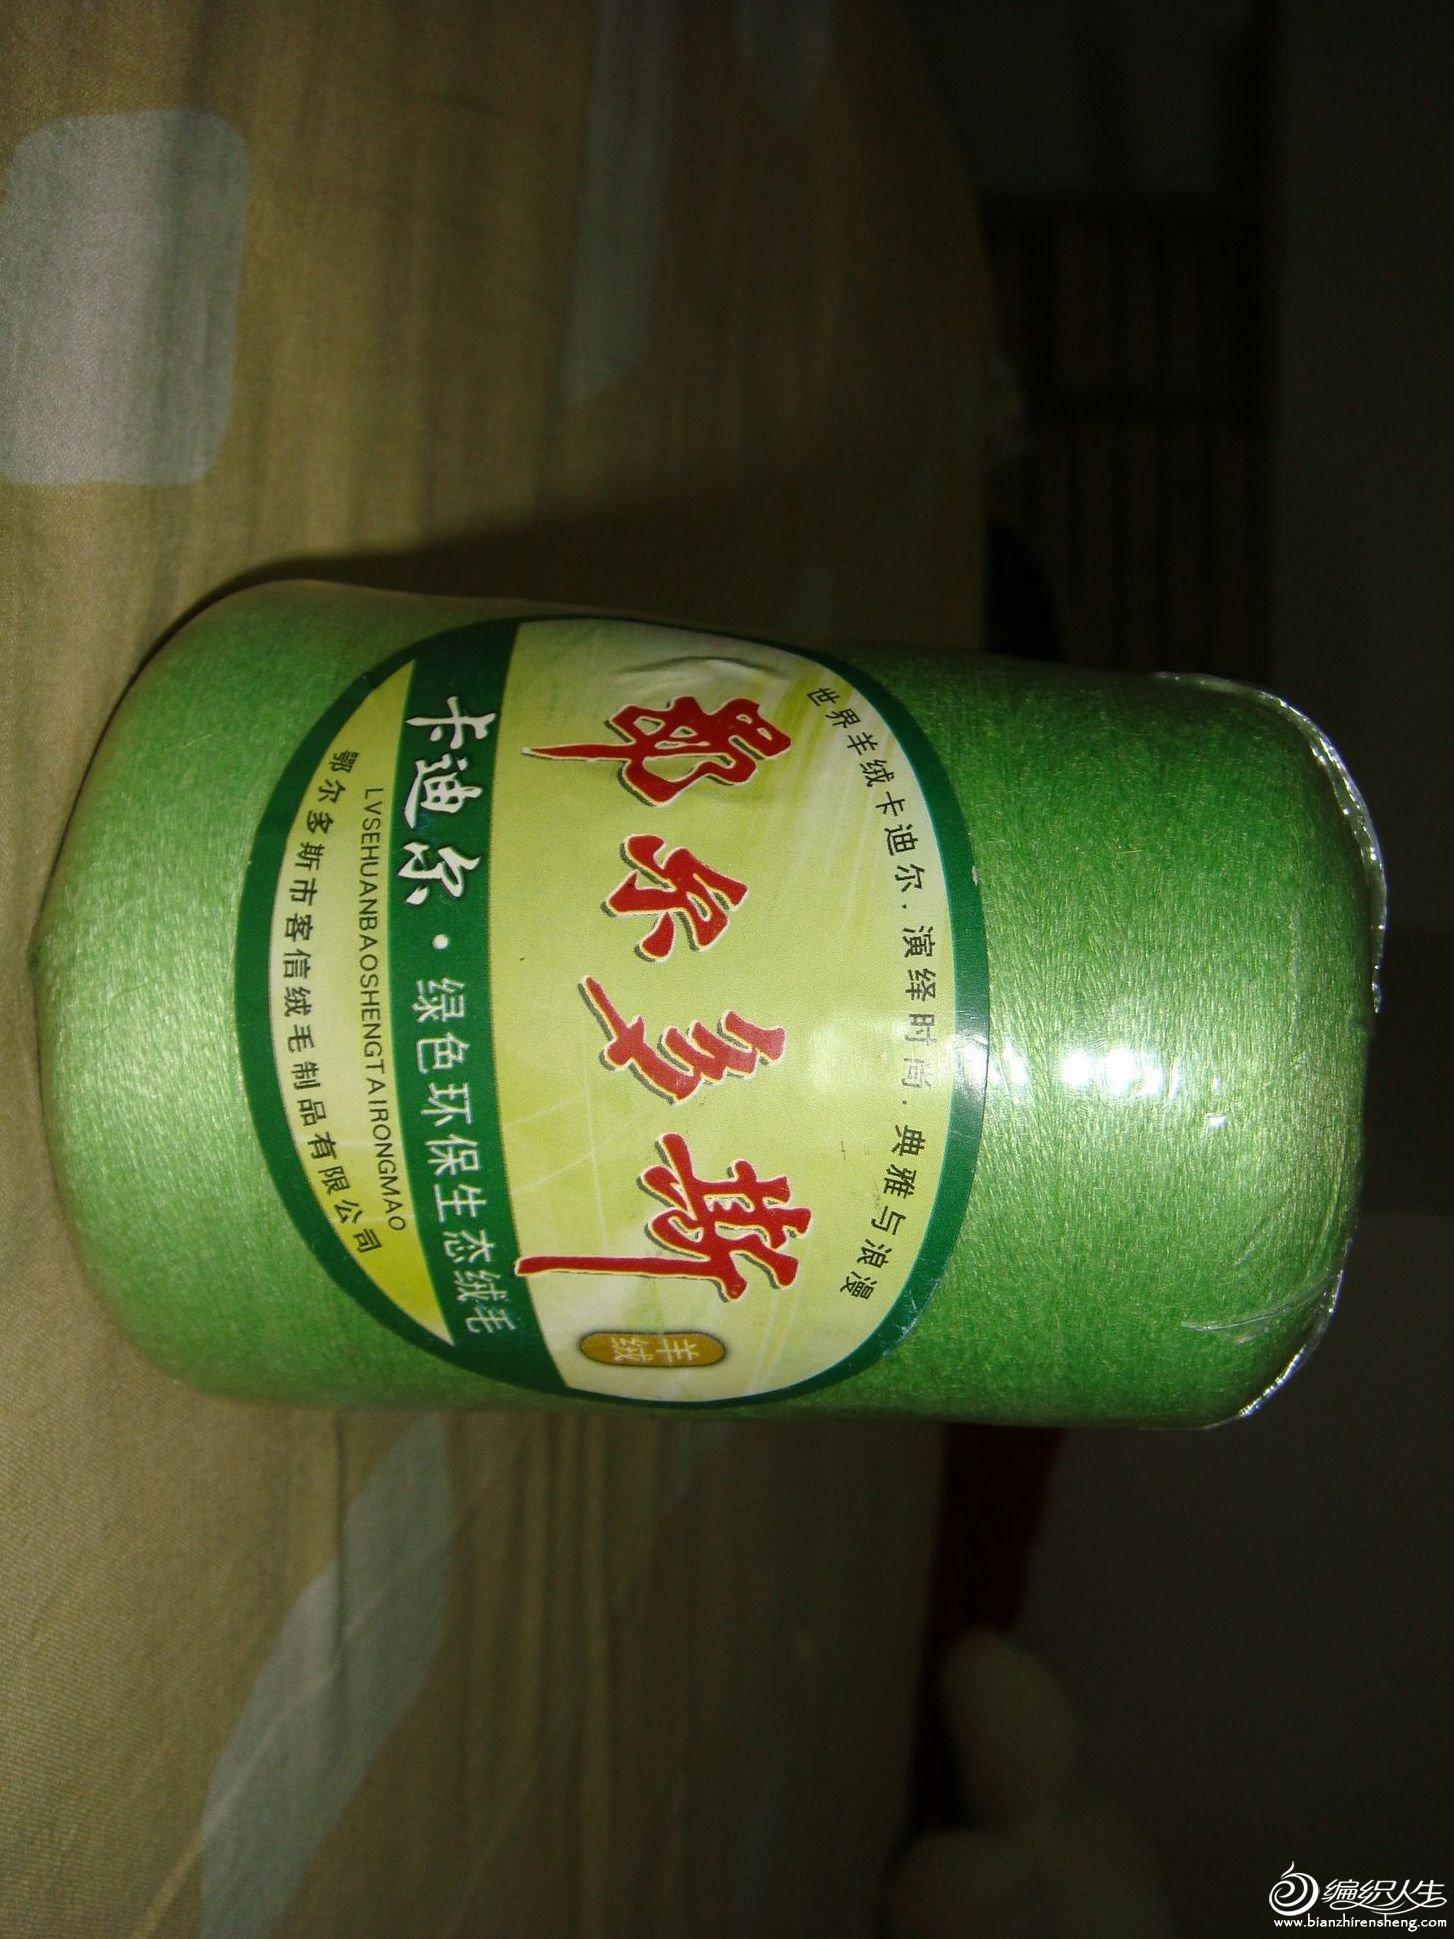 卡迪尔羊绒绿色 半斤 25元